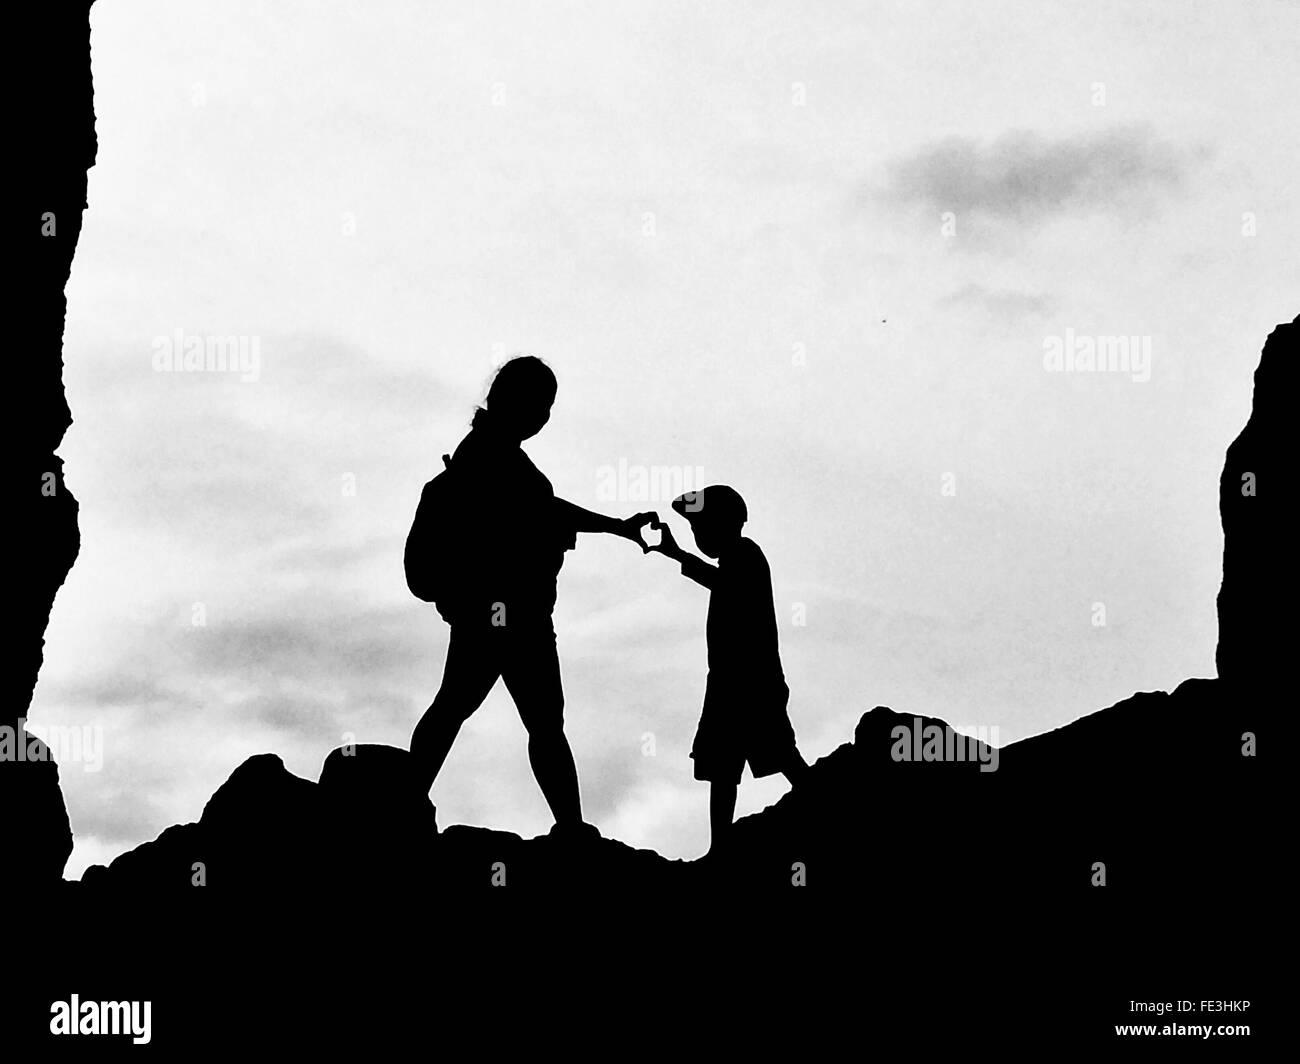 Basso angolo vista di Silhouette madre e figlio messa a forma di cuore con la mano Immagini Stock